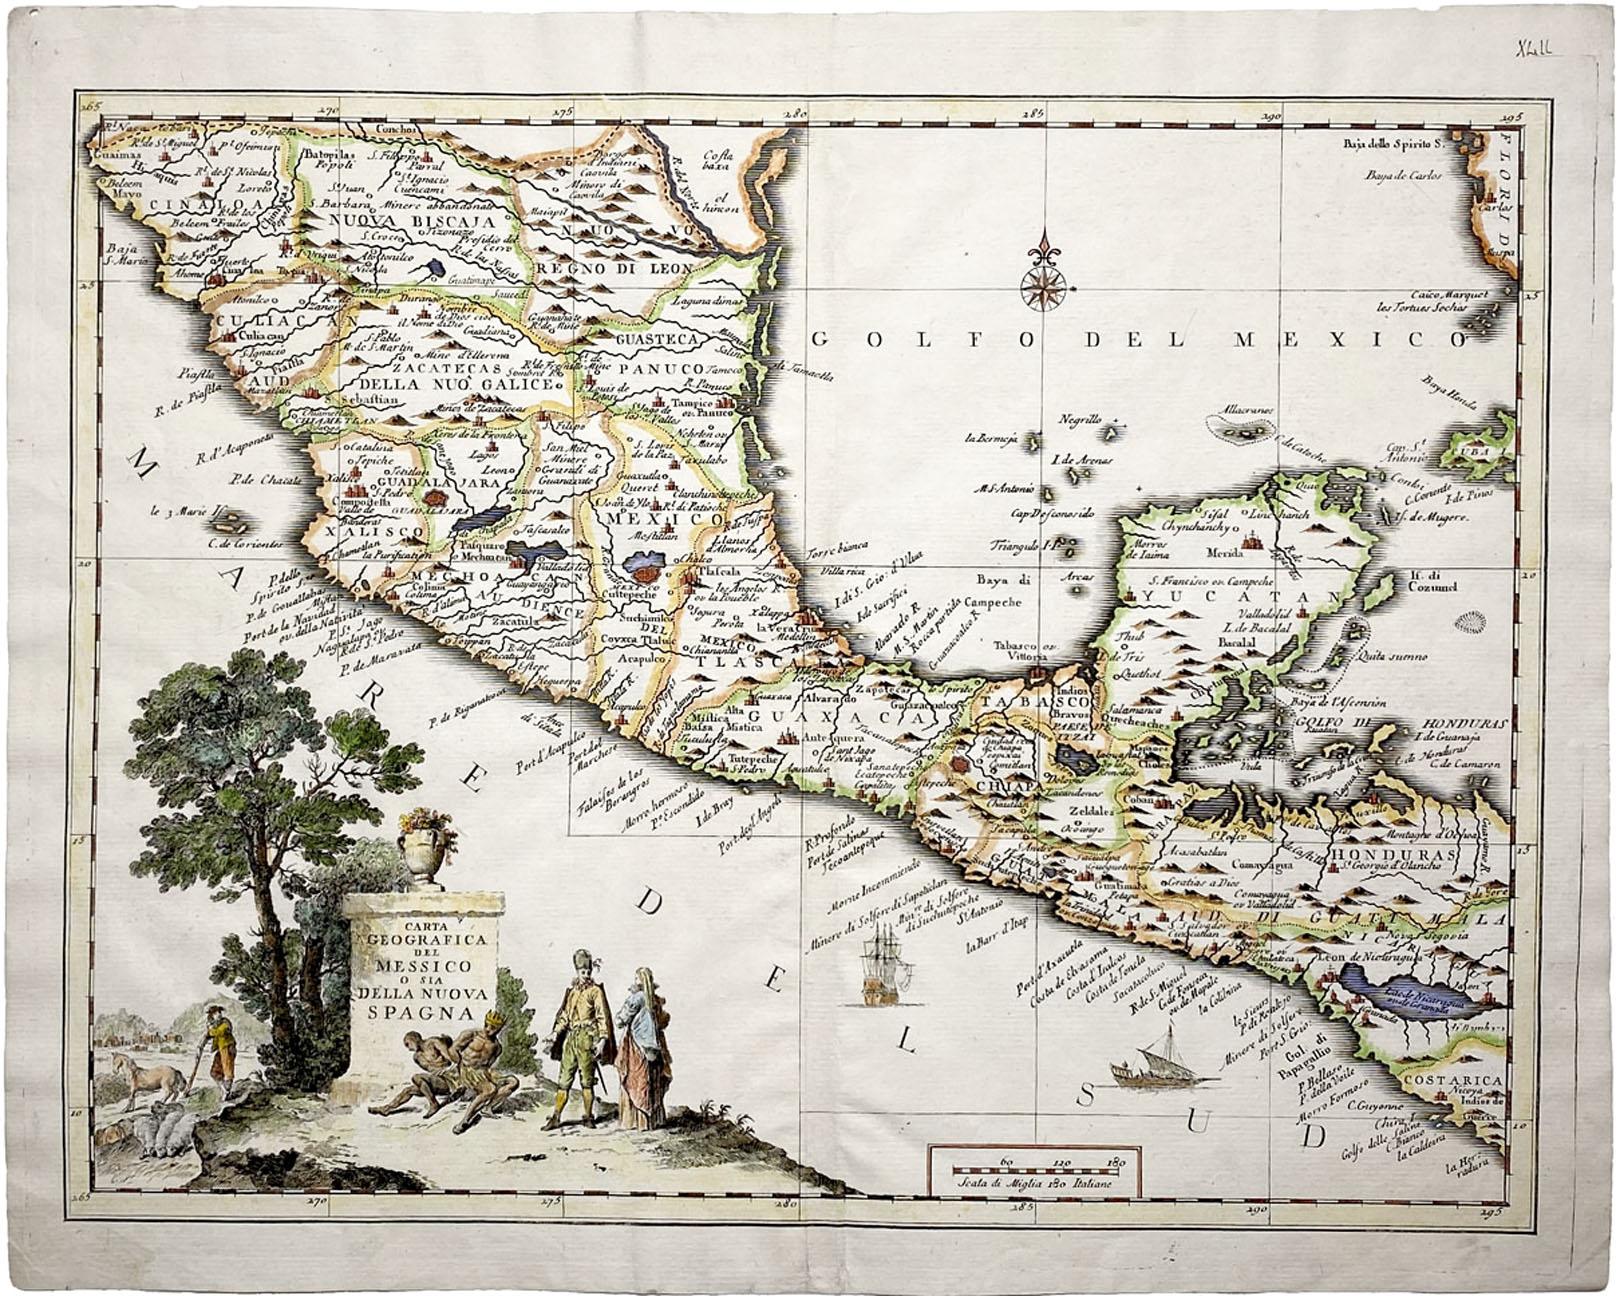 Cartina Geografica Politica Del Messico.Carta Geografica Del Messico O Sia Della Nuova Spagna 1492 Maps